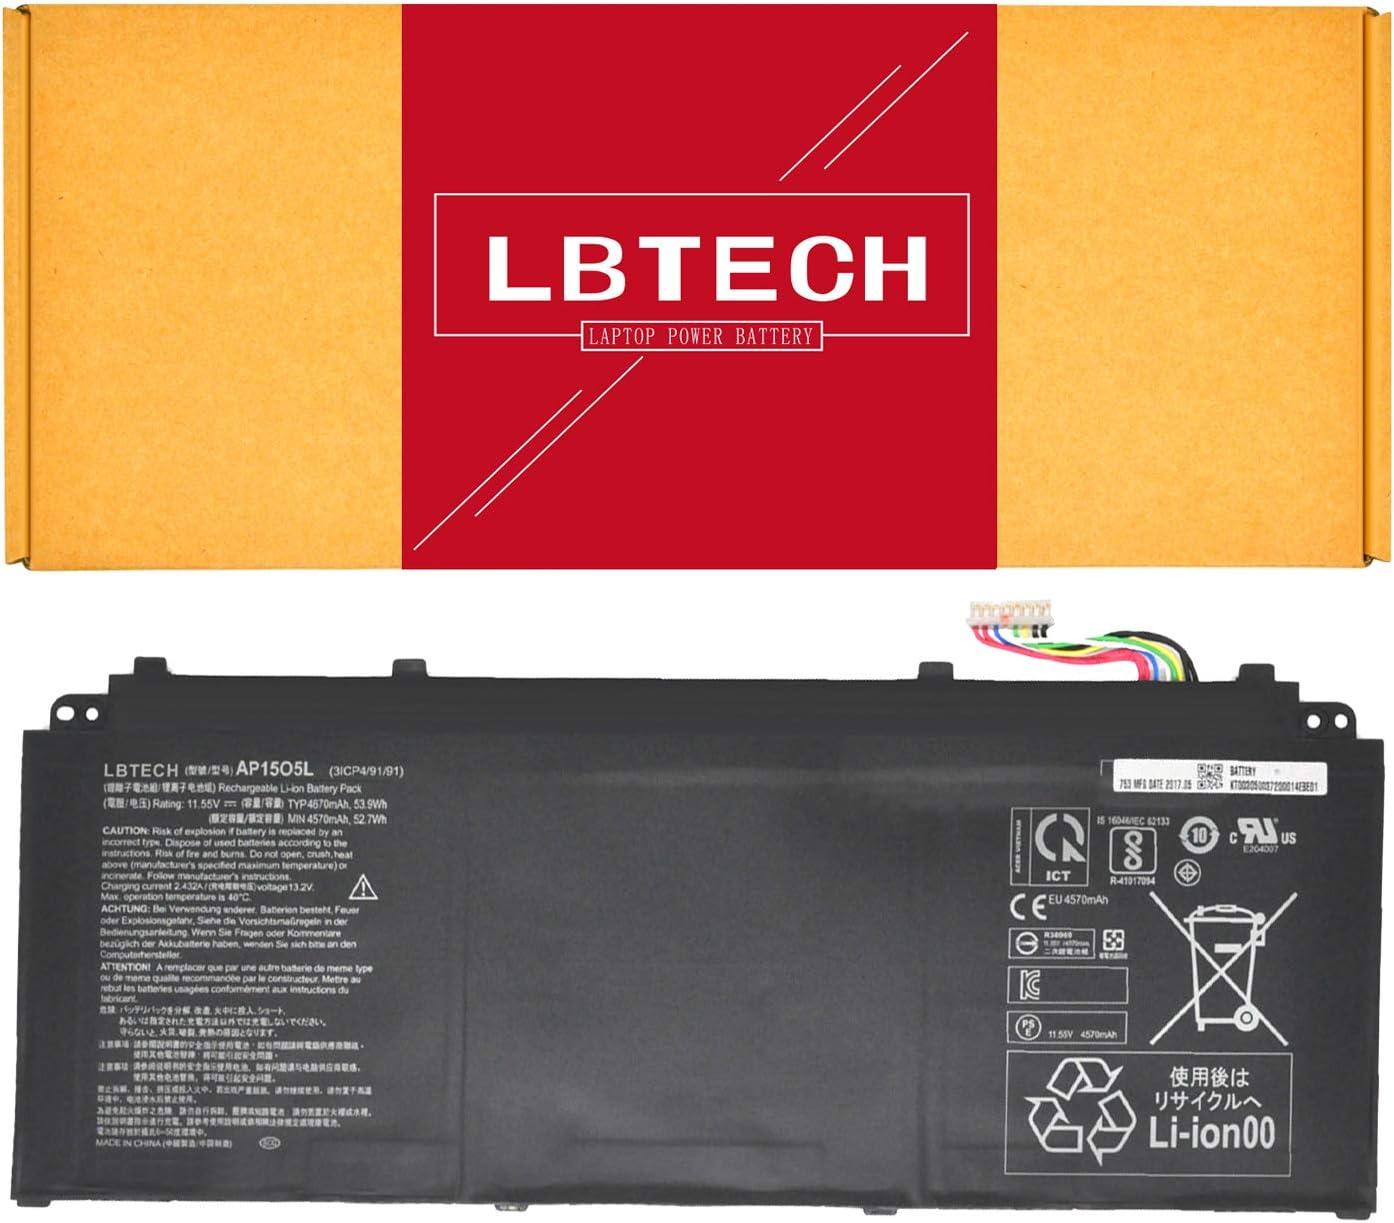 LBTECH AP15O5L AP15O3K Battery Replacement for Acer Aspire S13 S5-371 S5-371T S5-371-53NX S5-371-52JR Chromebook R13 CB5-312T CB5-312T-K0YK Series AP1503K AP1505L 11.55V 53.9Wh